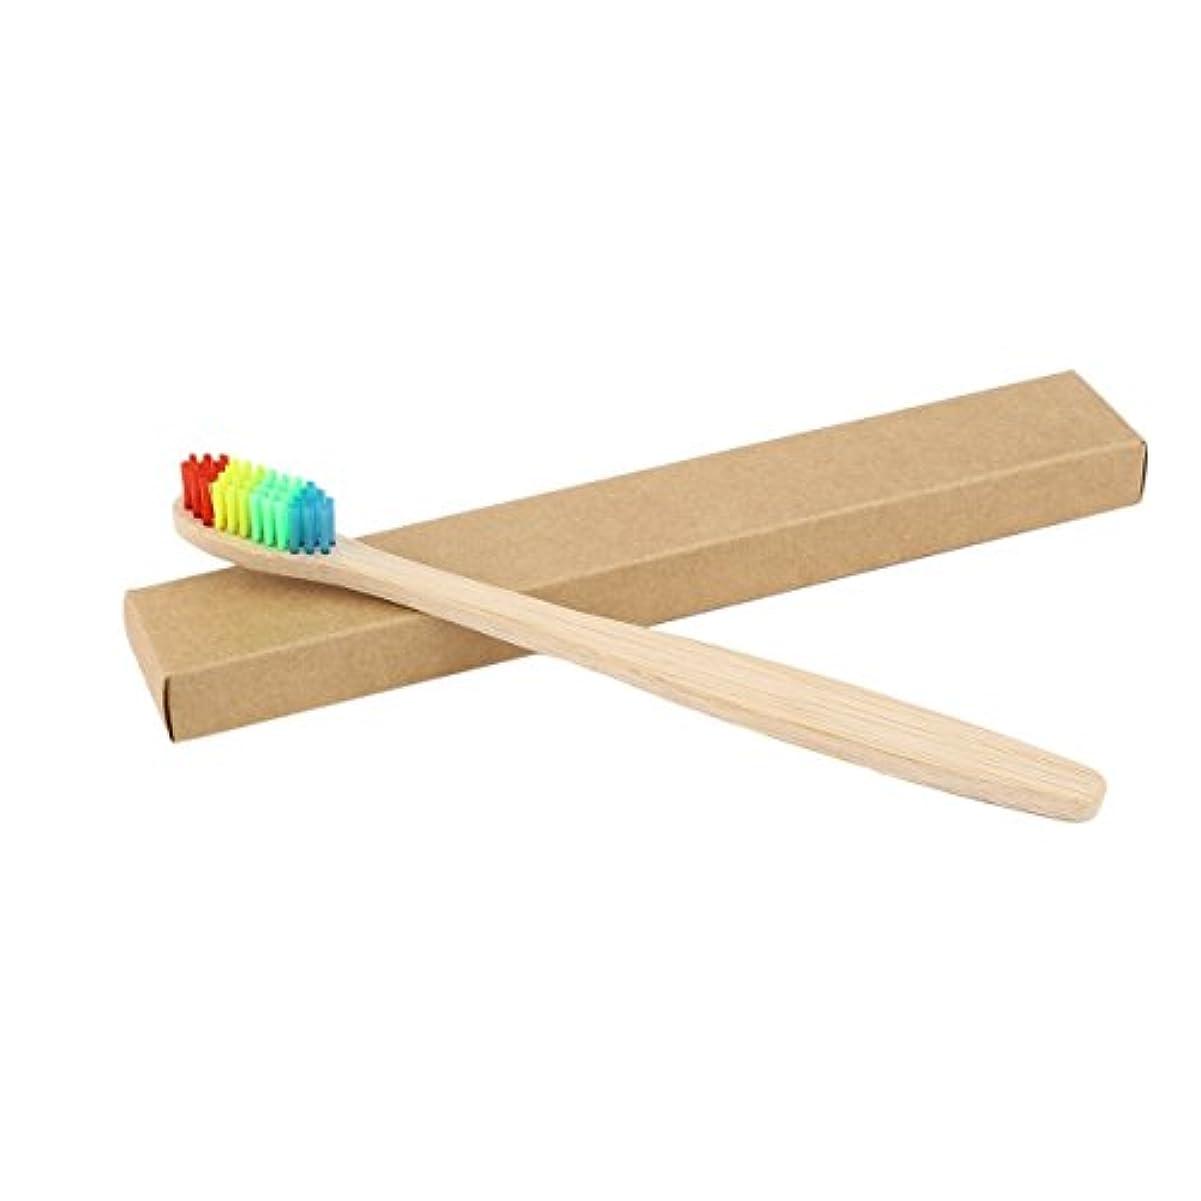 ゲージ褒賞ラフレシアアルノルディカラフルな髪+竹のハンドル歯ブラシ環境木製の虹竹の歯ブラシオーラルケアソフト剛毛ユニセックス - ウッドカラー+カラフル